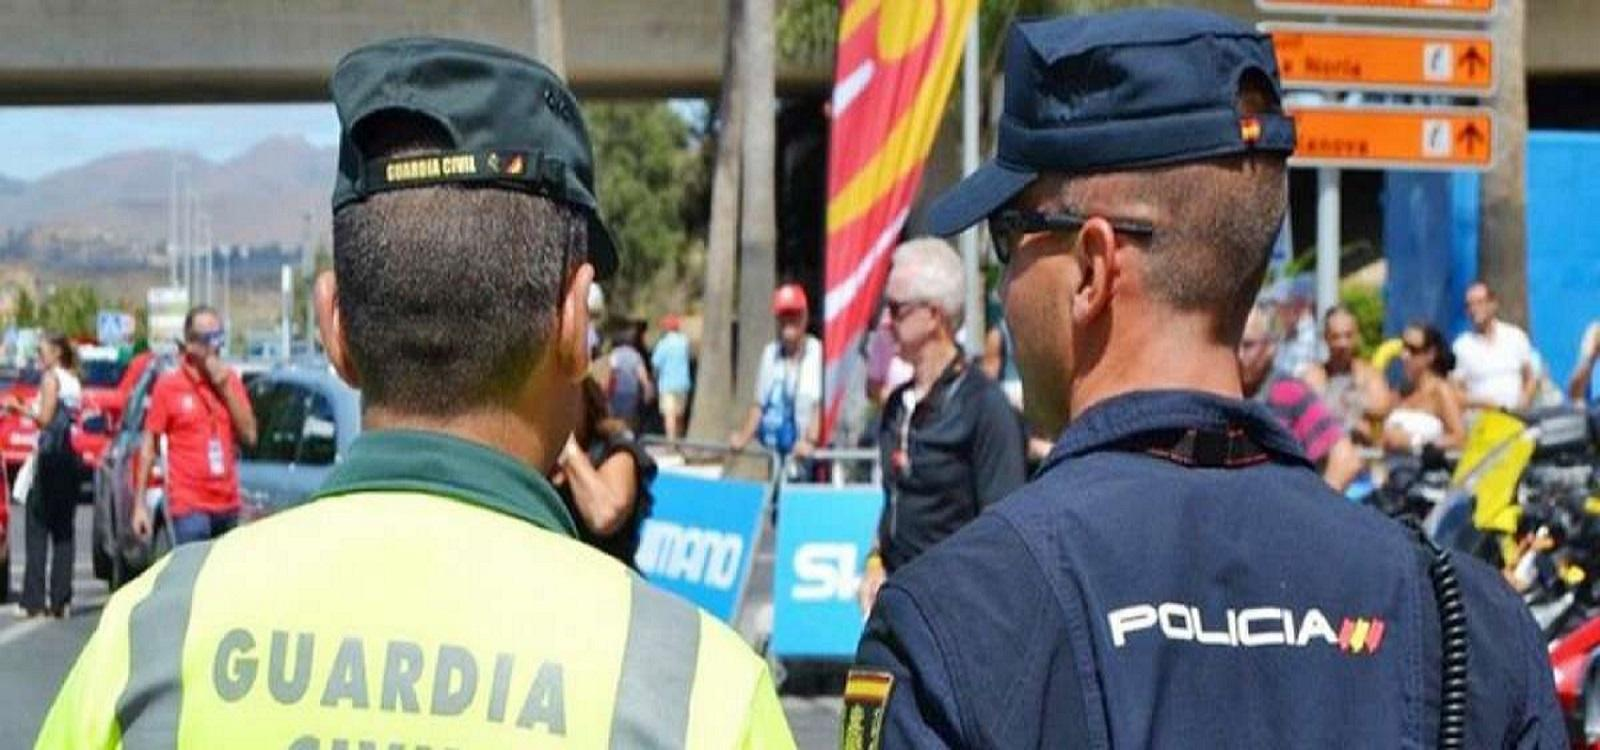 Los cuerpos de Policía y Guardia Civil sufrieron grandes recortes durante el Gobierno de Rajoy